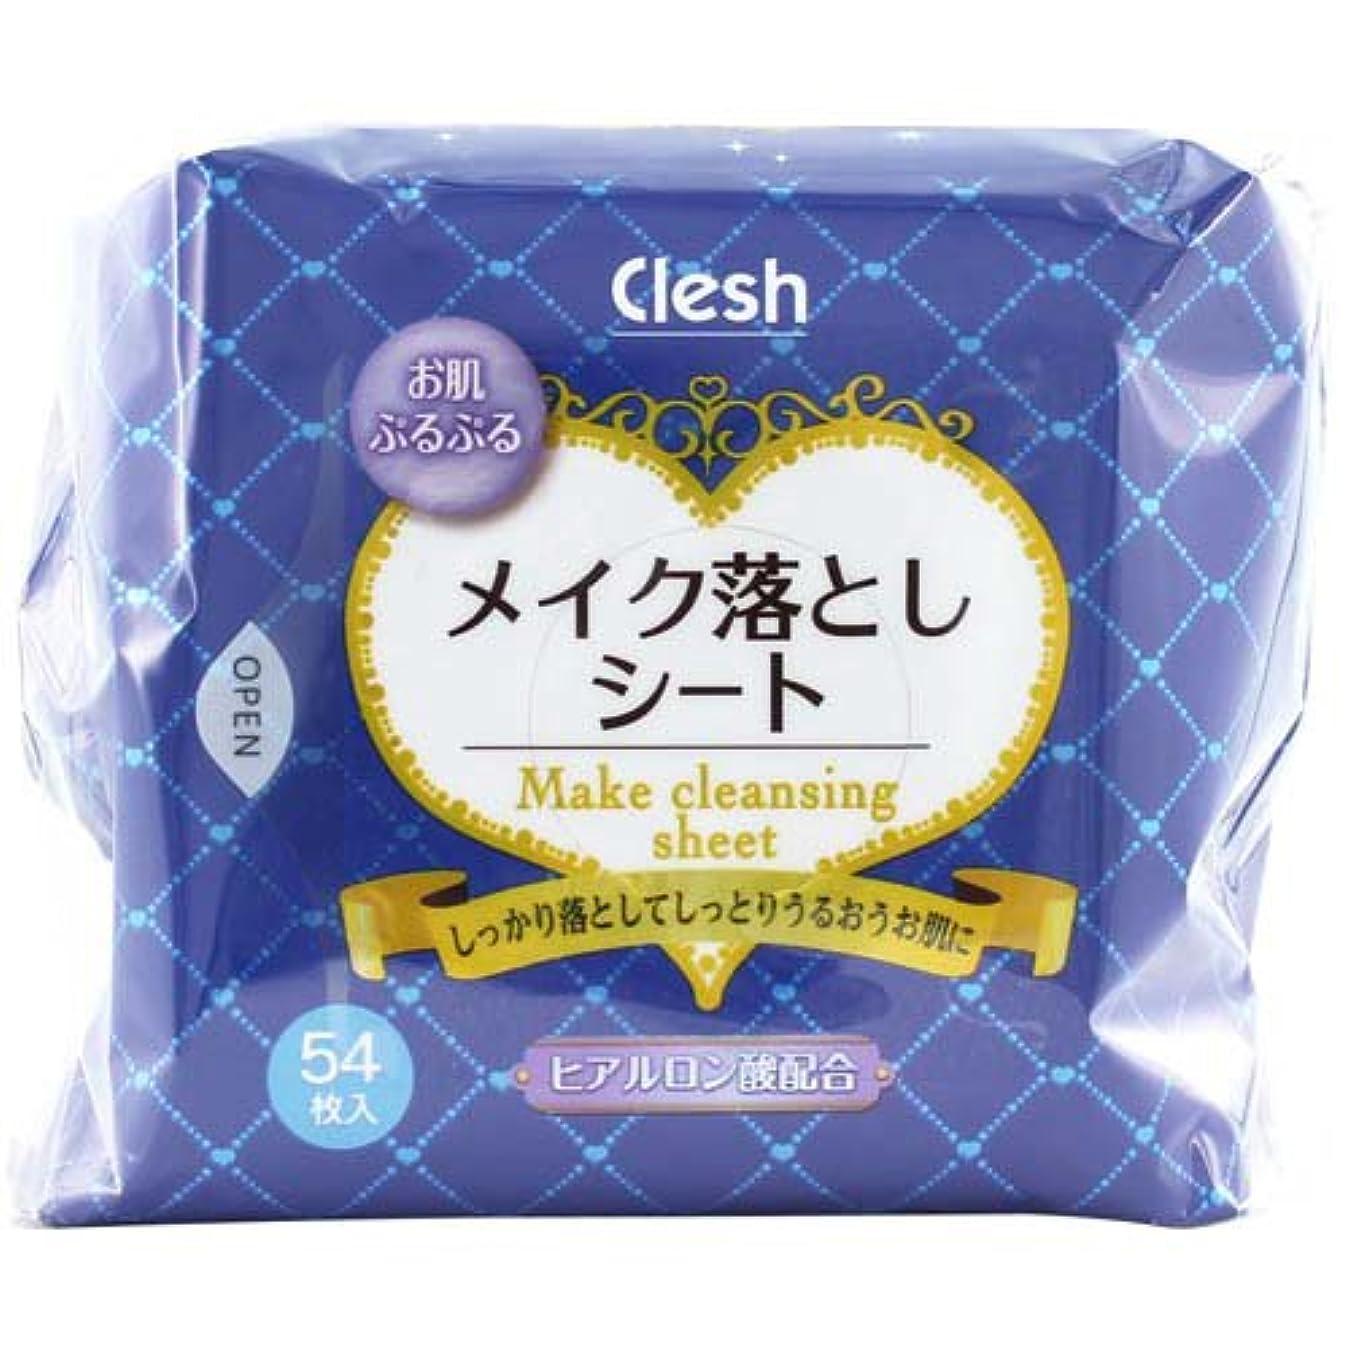 投票チェリー蒸発するClesh(クレシュ) メイク落としシート ヒアルロン酸配合 54枚